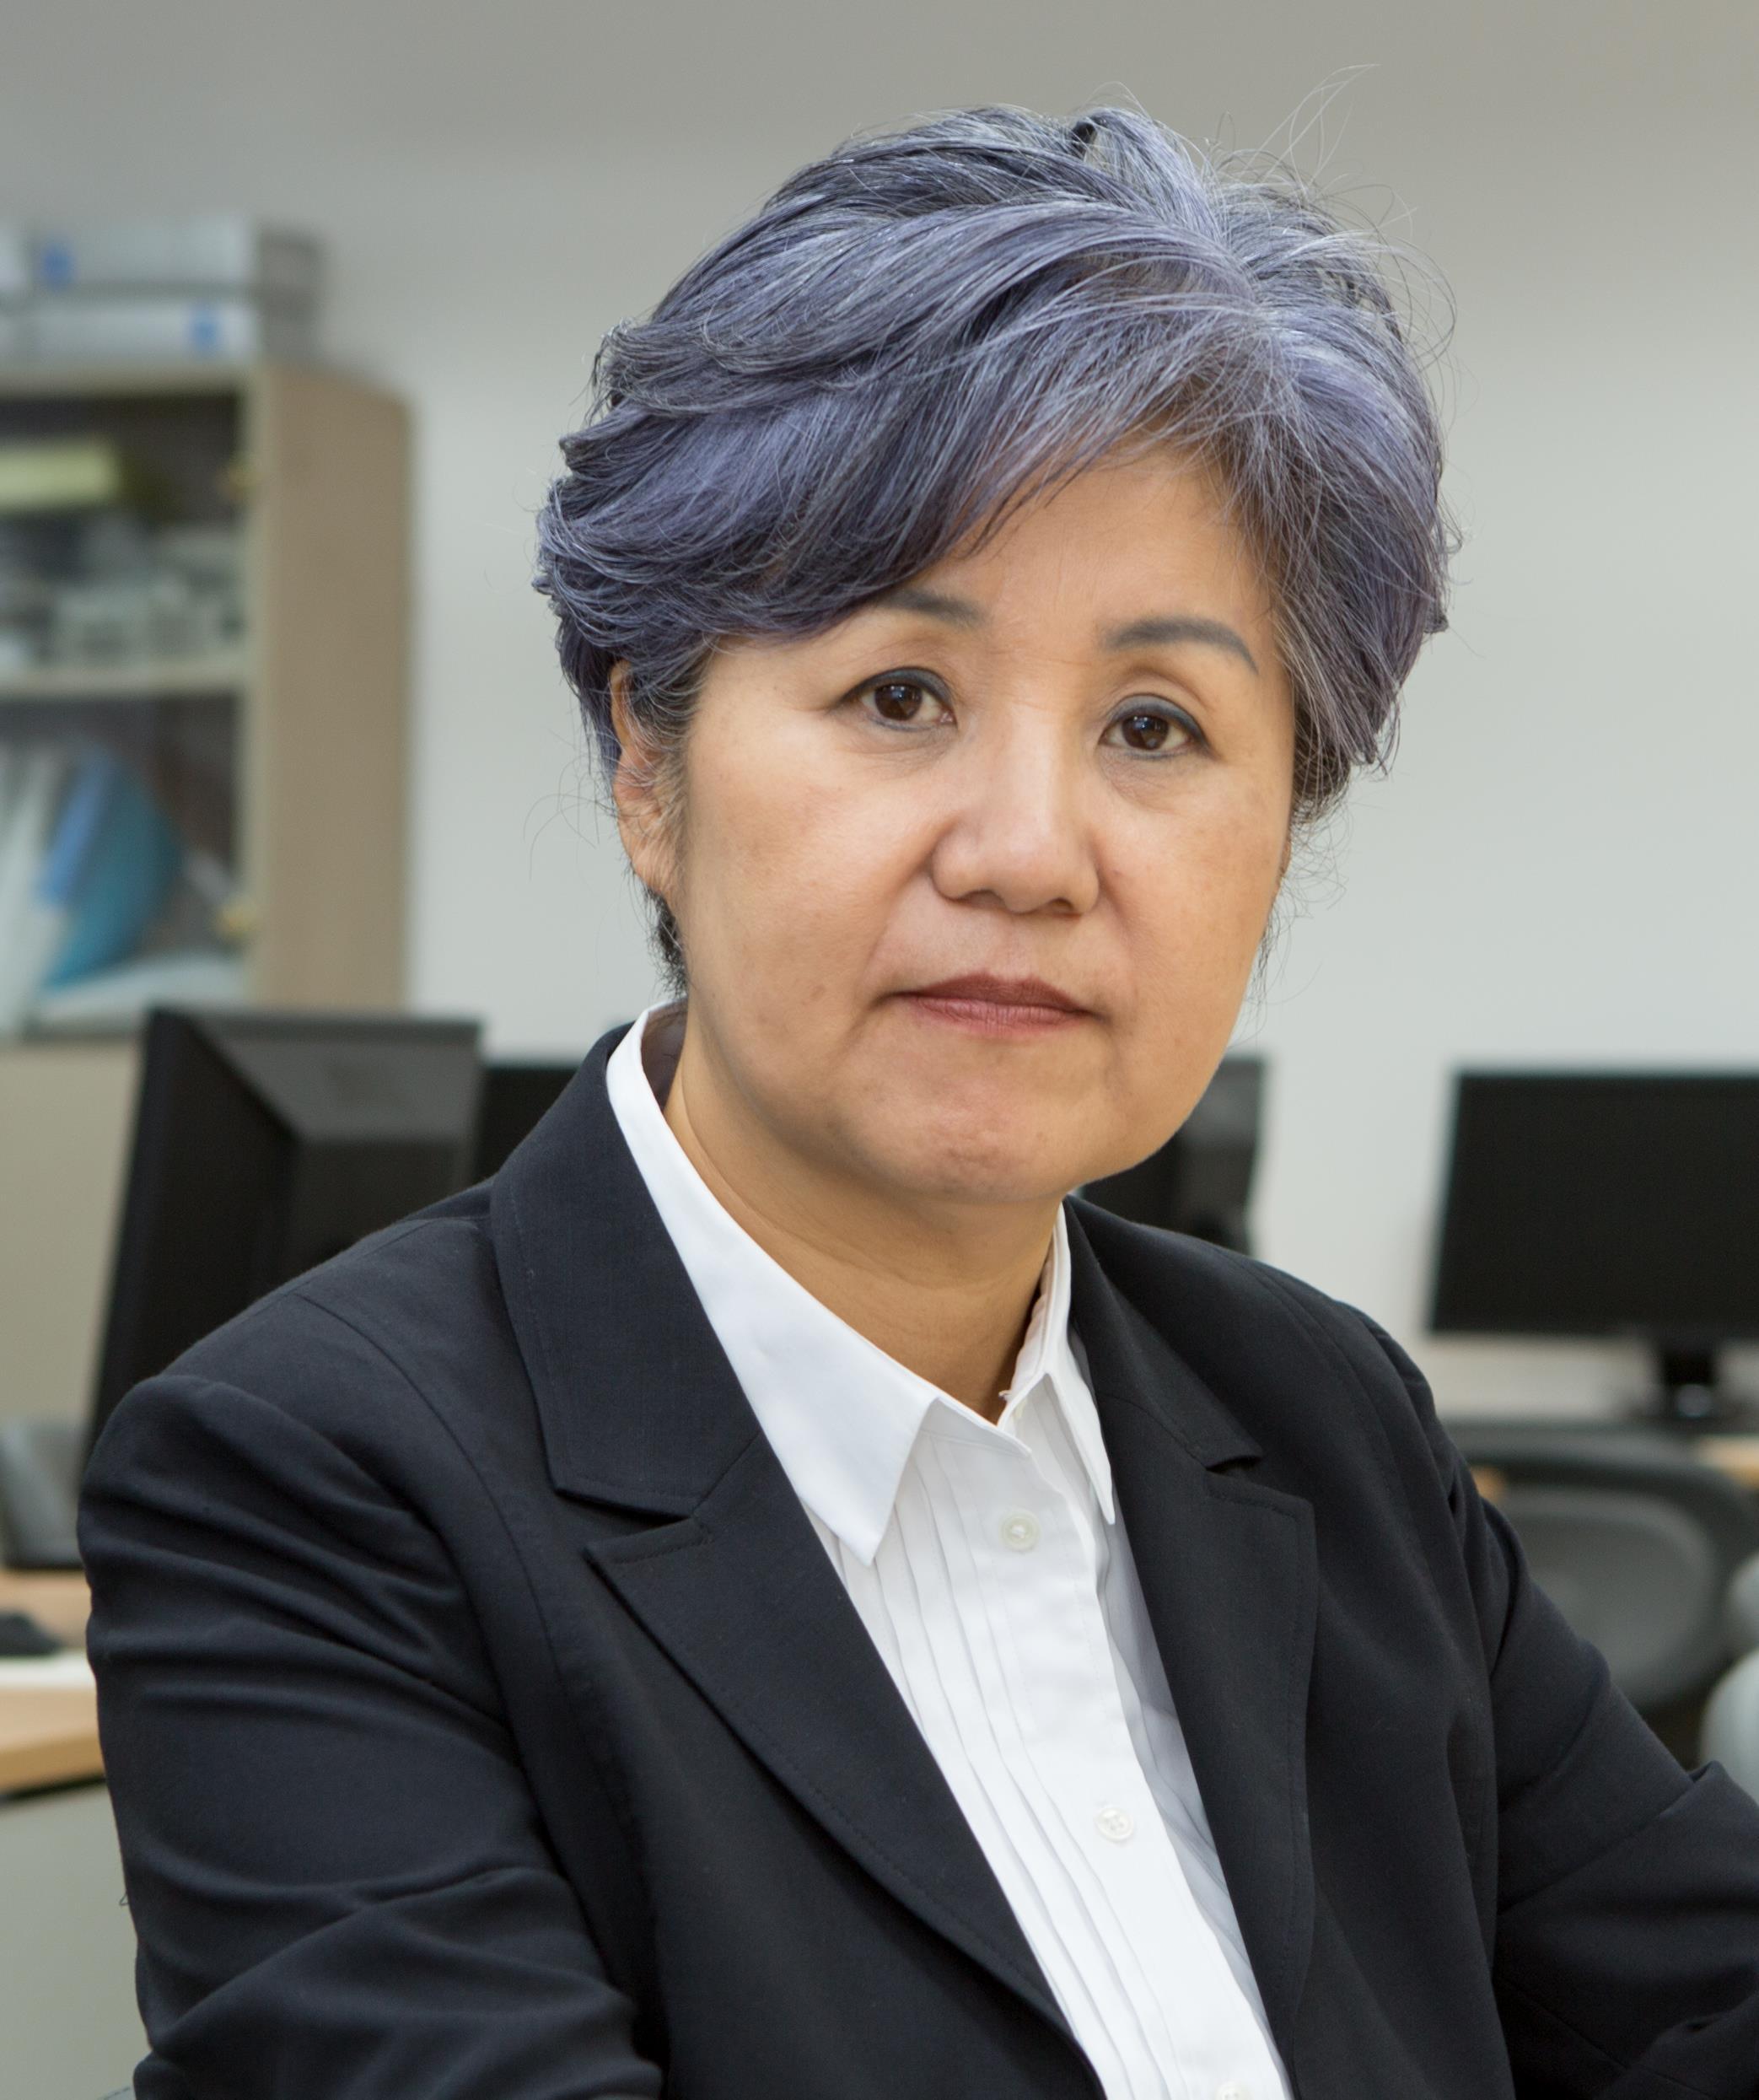 박동숙 프로필 사진